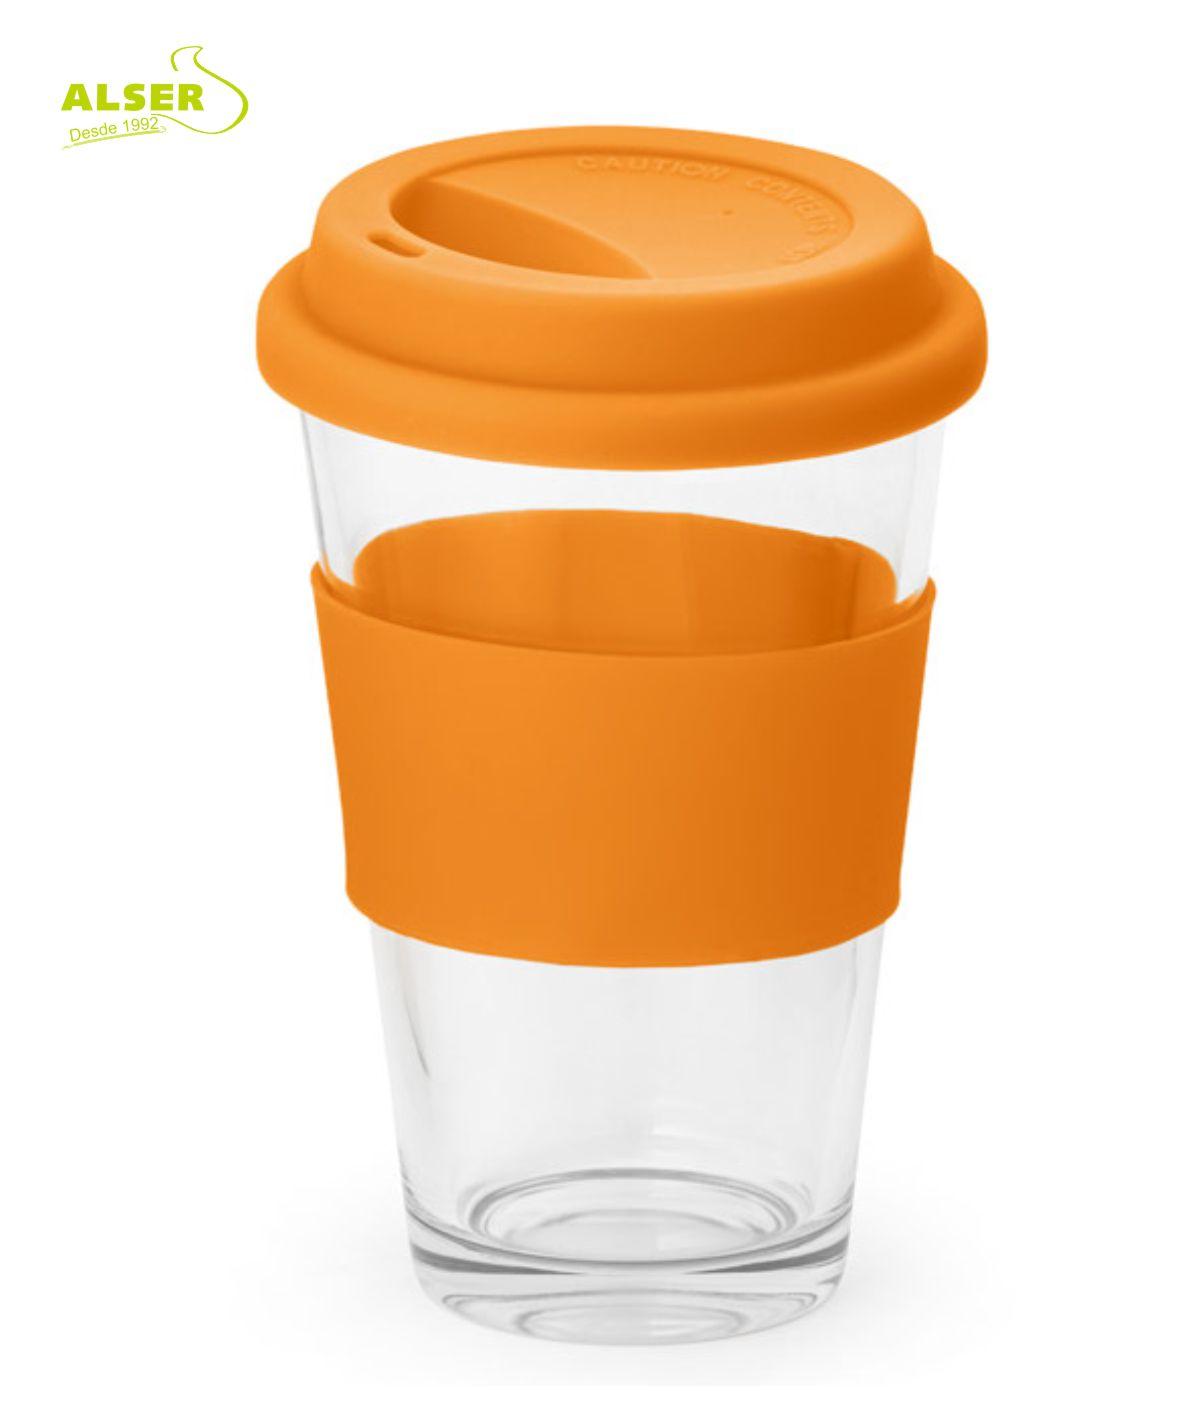 Vaso de vidrio detalles naranja